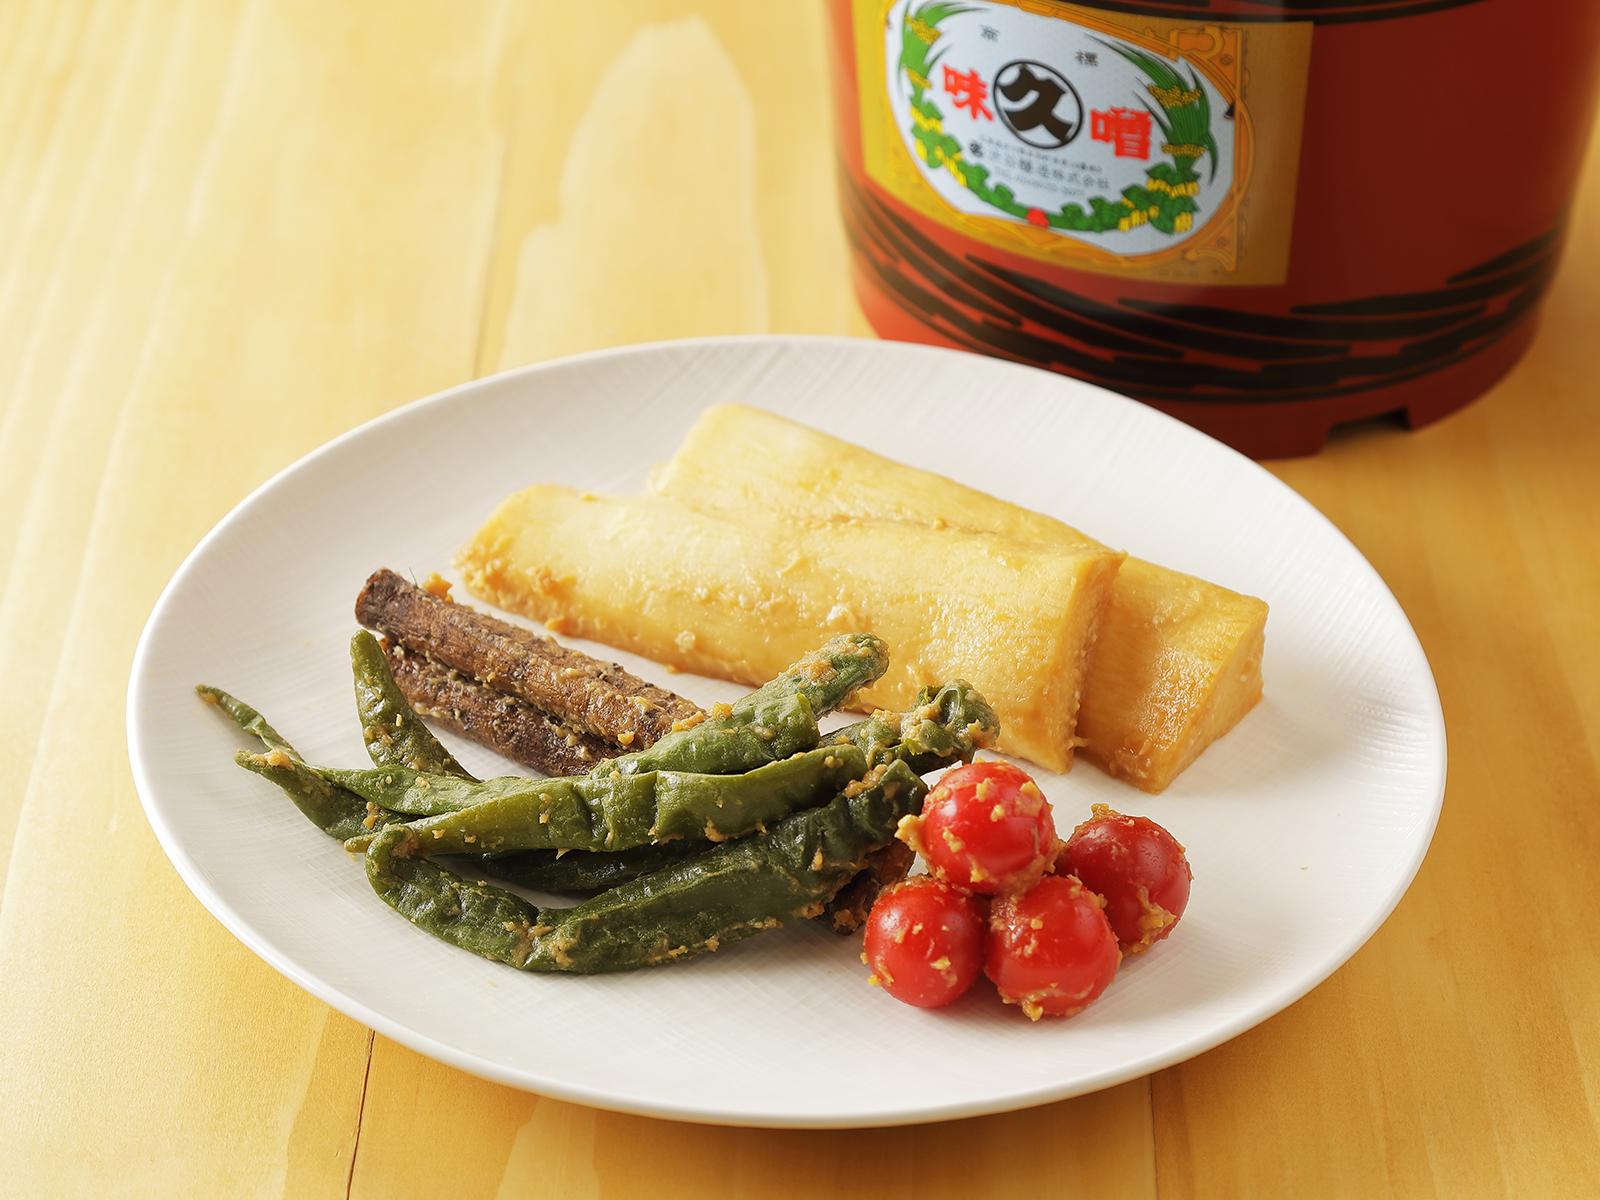 【ふるさと納税】北海道十勝 醗酵食品「樽仕込み 旬野菜の味噌漬け」